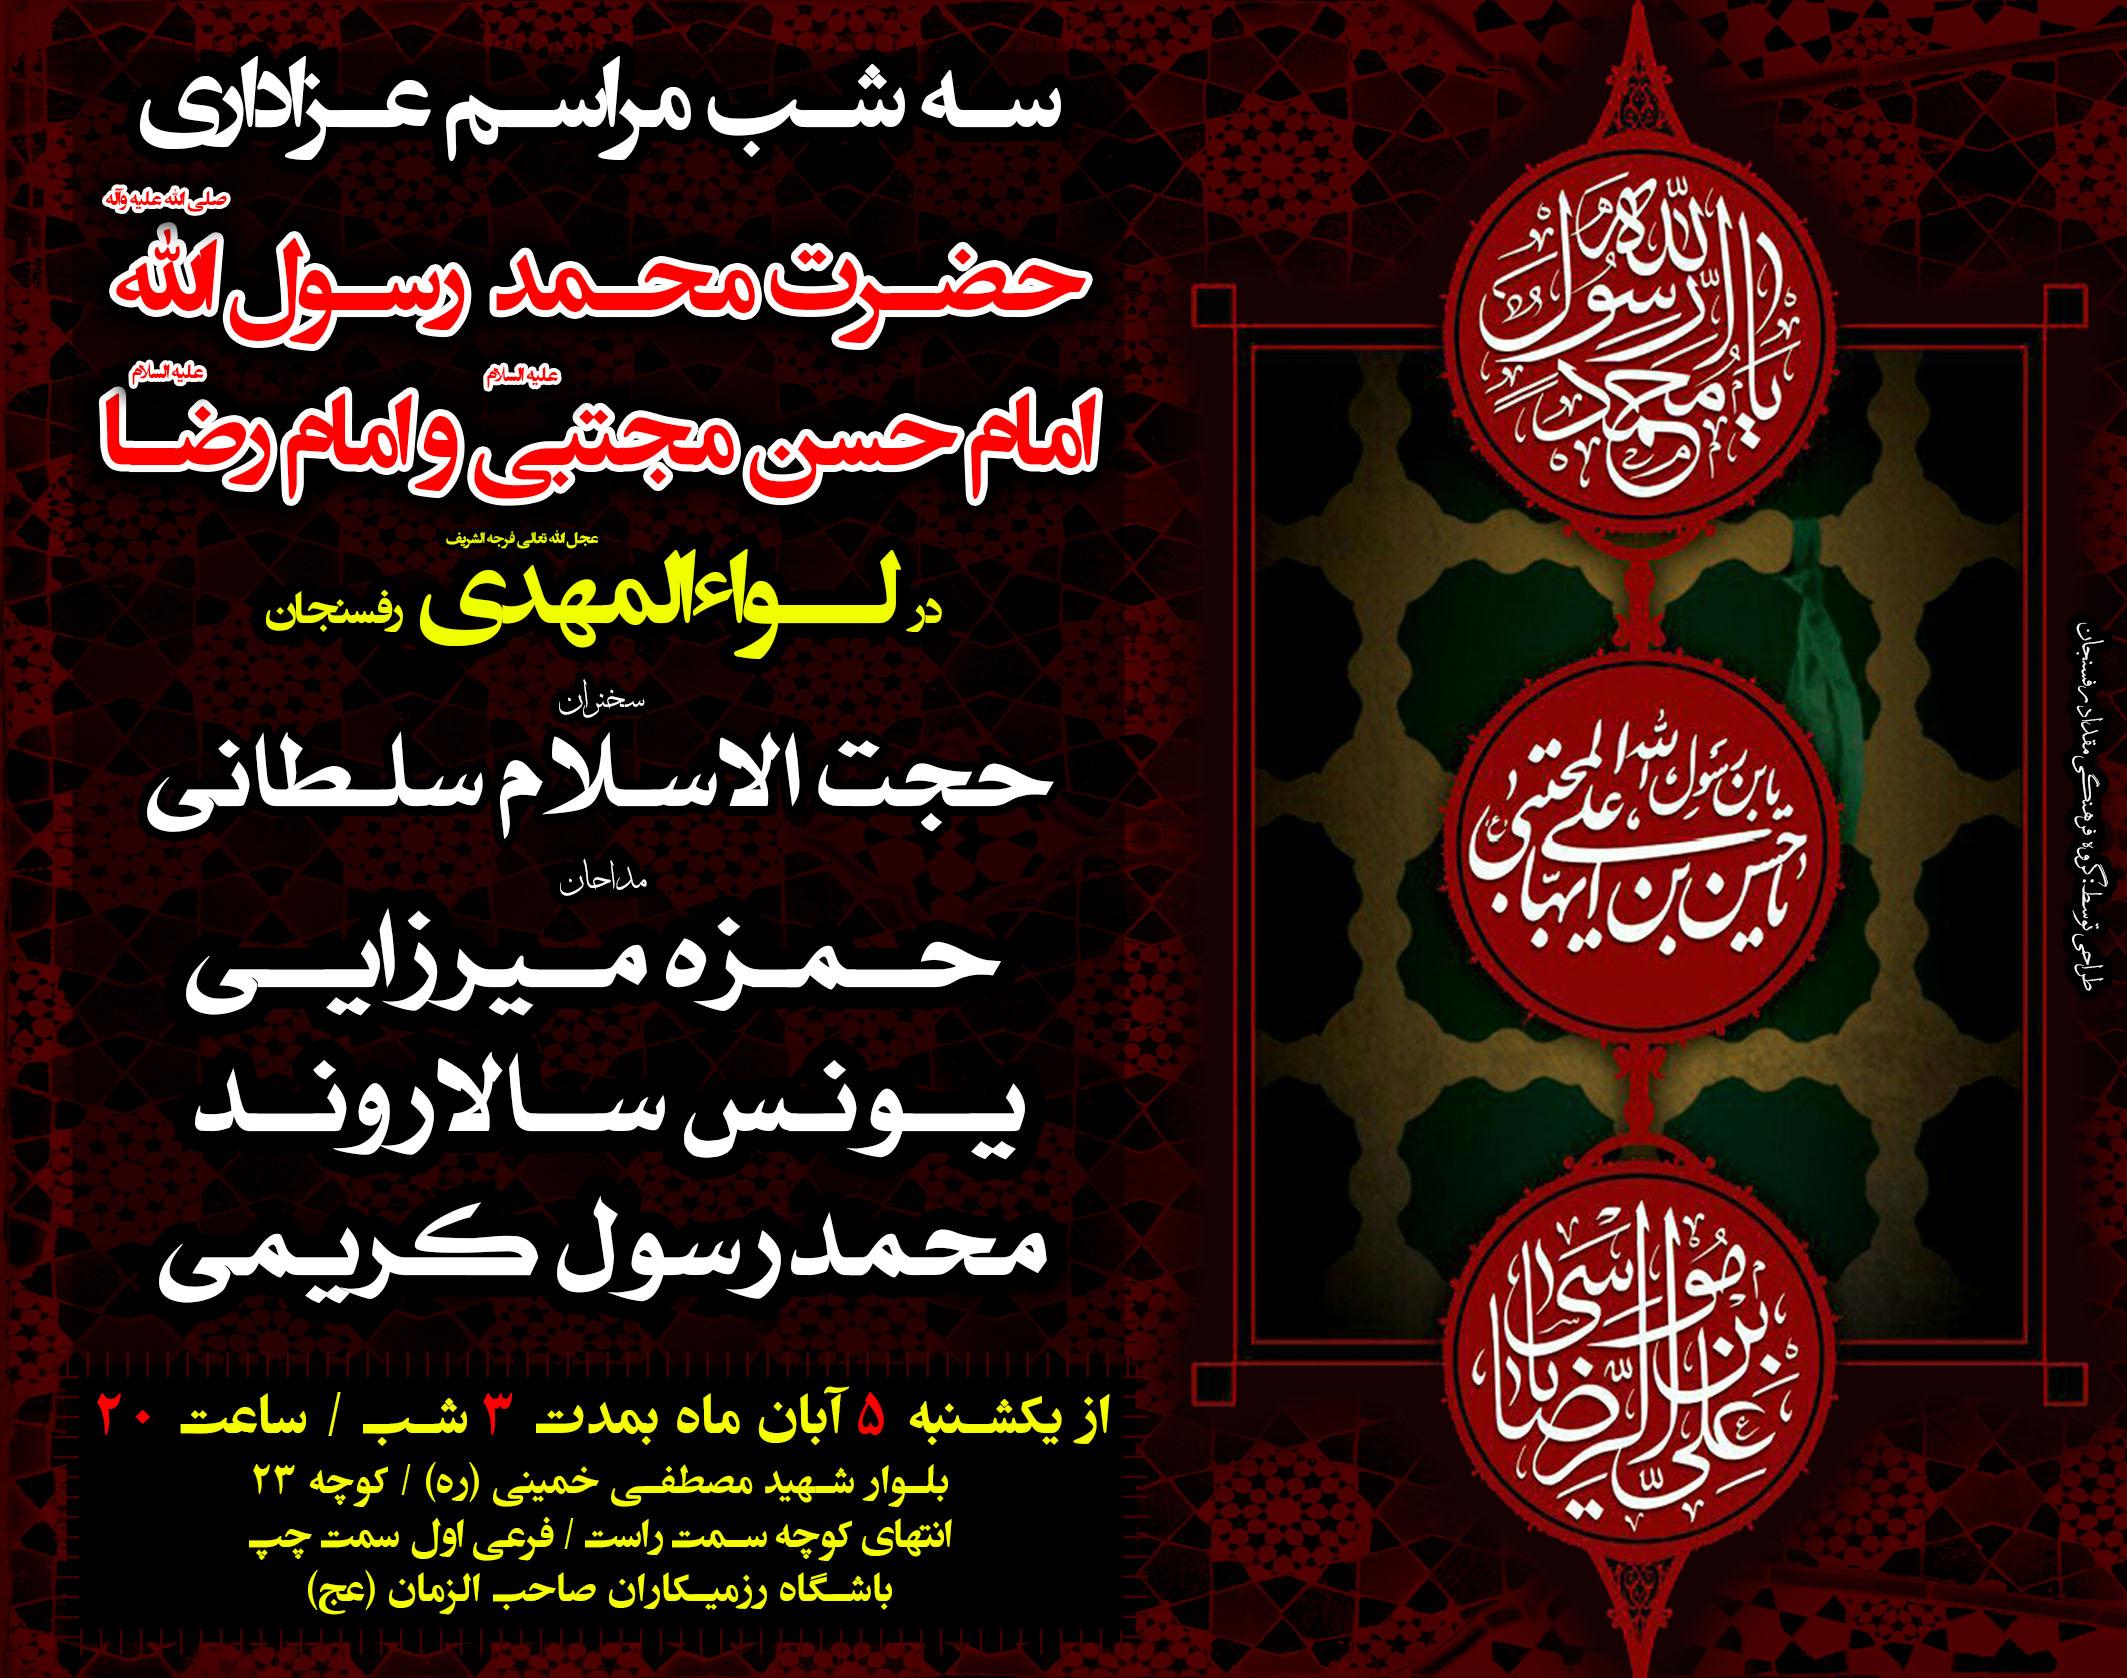 عزای پیامبر (ص) ، امام حسن مجتبی (ع) و امام رضا(ع) در لواءالمهدی(عج) بمدت سه شب